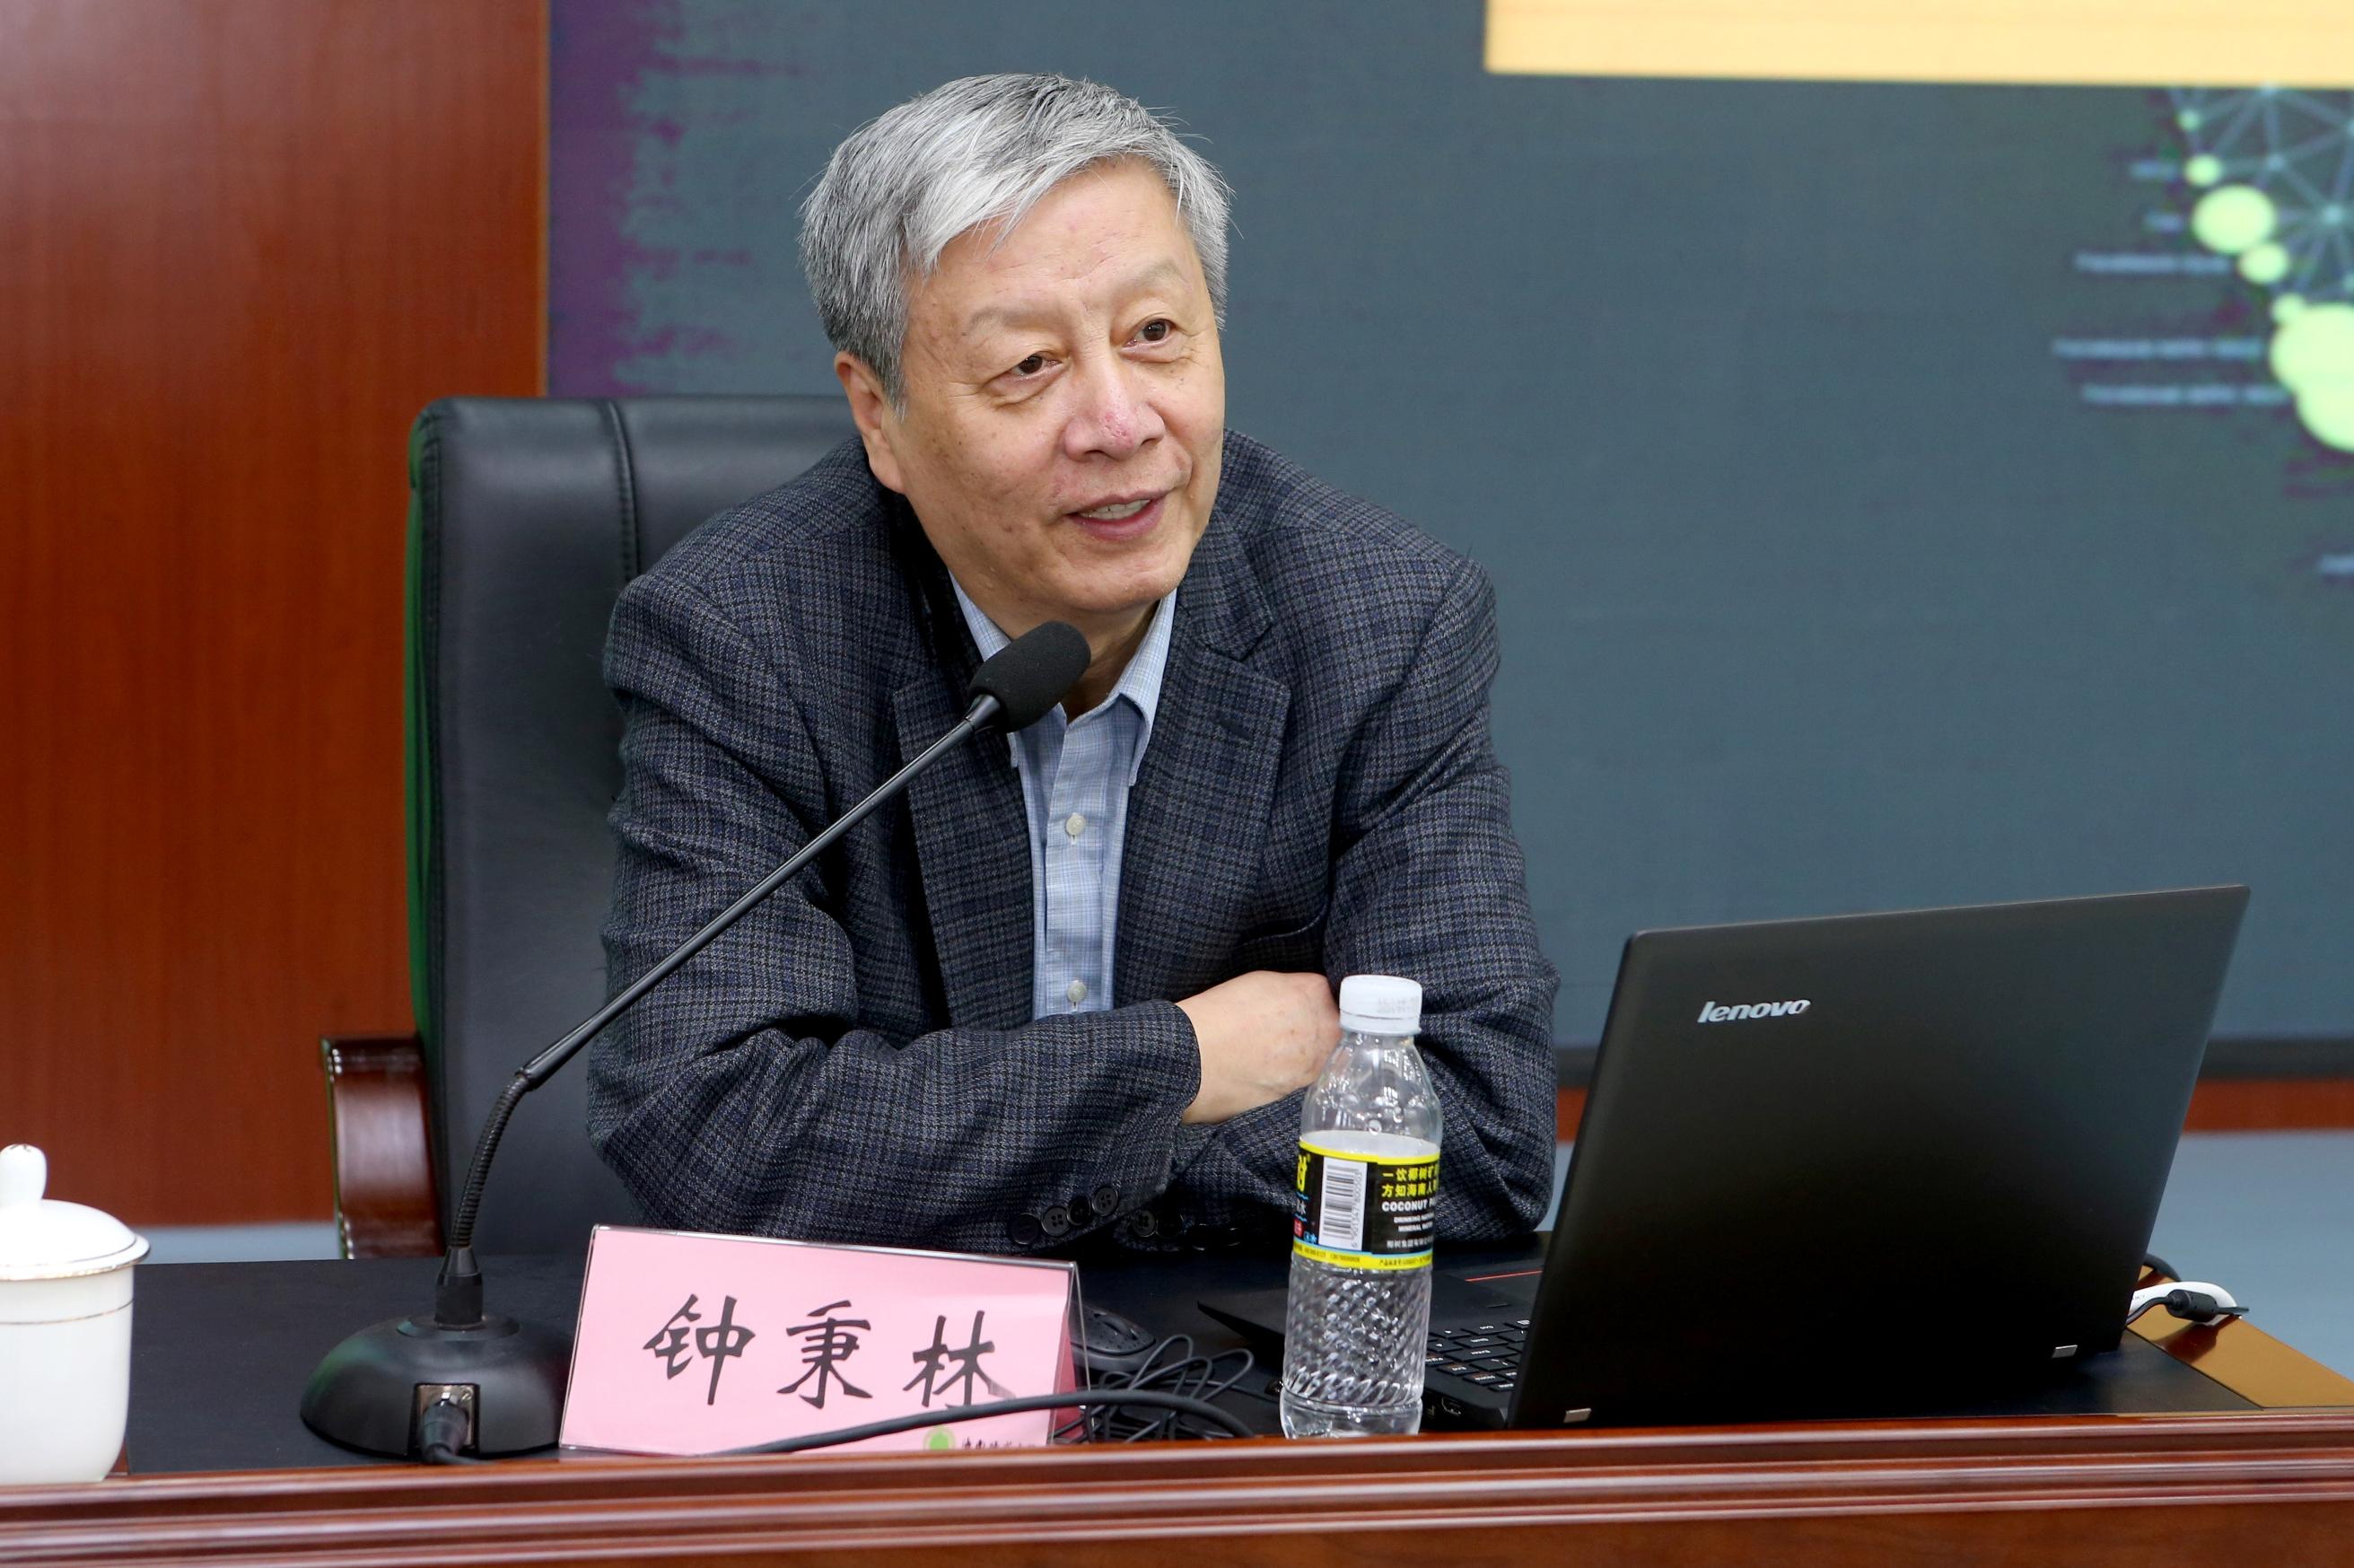 中国教育学会会长钟秉林作专题报告:师范大学要应对改革发展新挑战